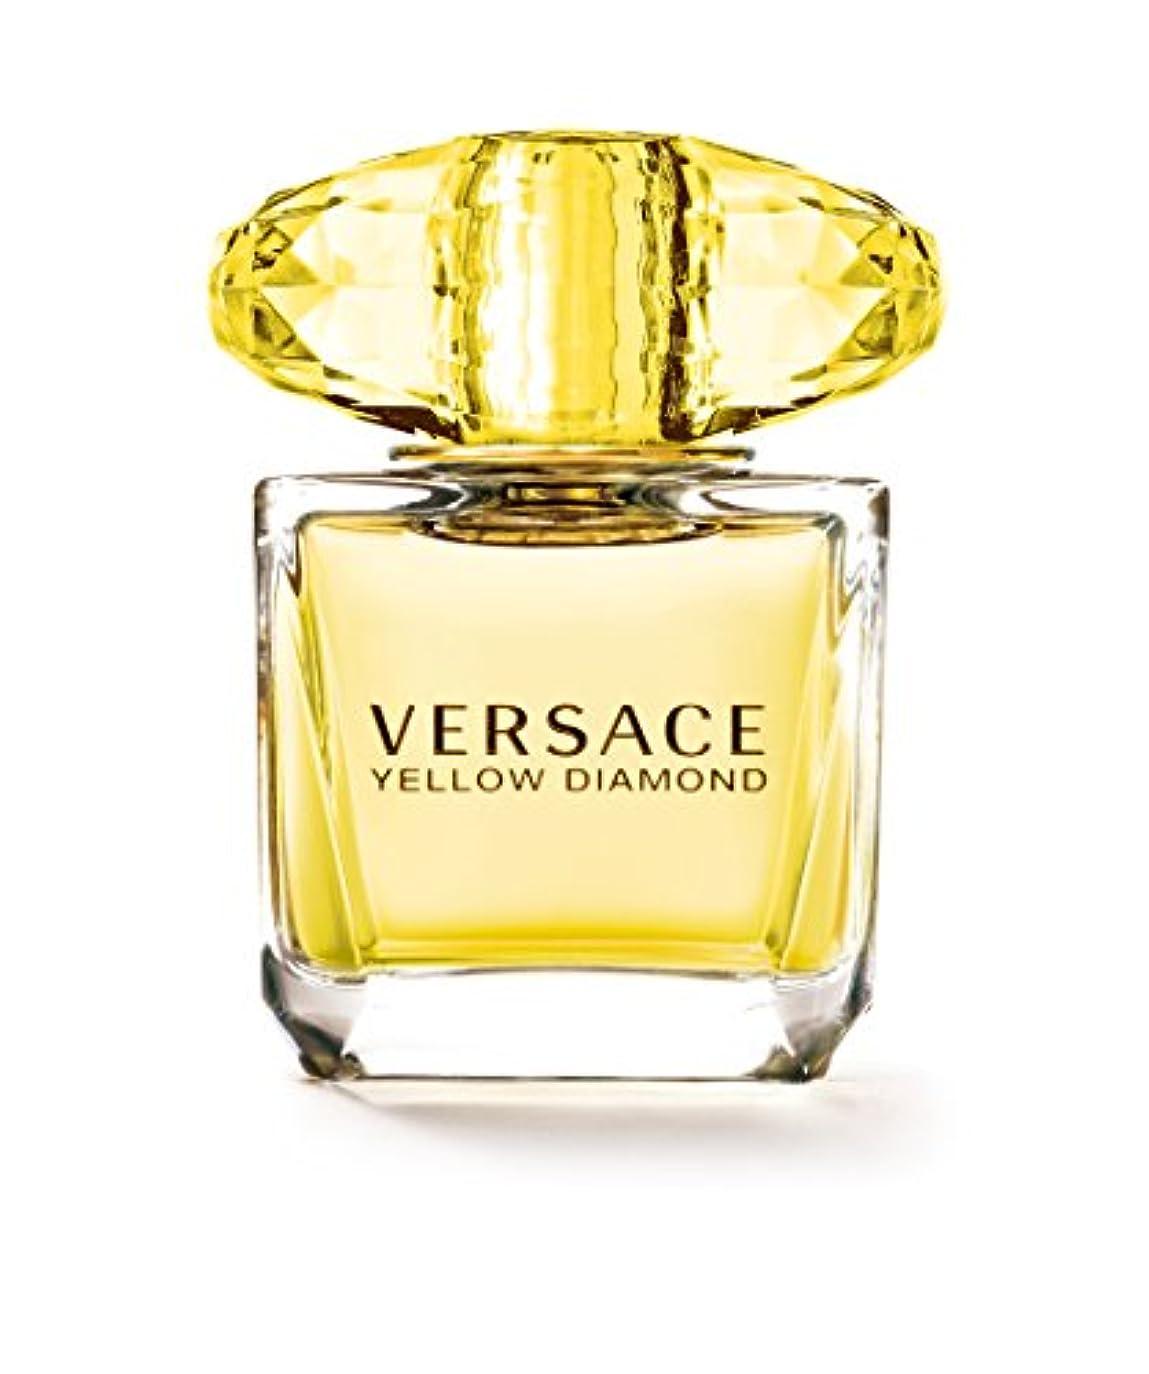 リム立法長方形Versace(ヴェルサーチ) ヴェルサーチェ イエローダイアモンド EDT フルーティー?フローラル 30ml